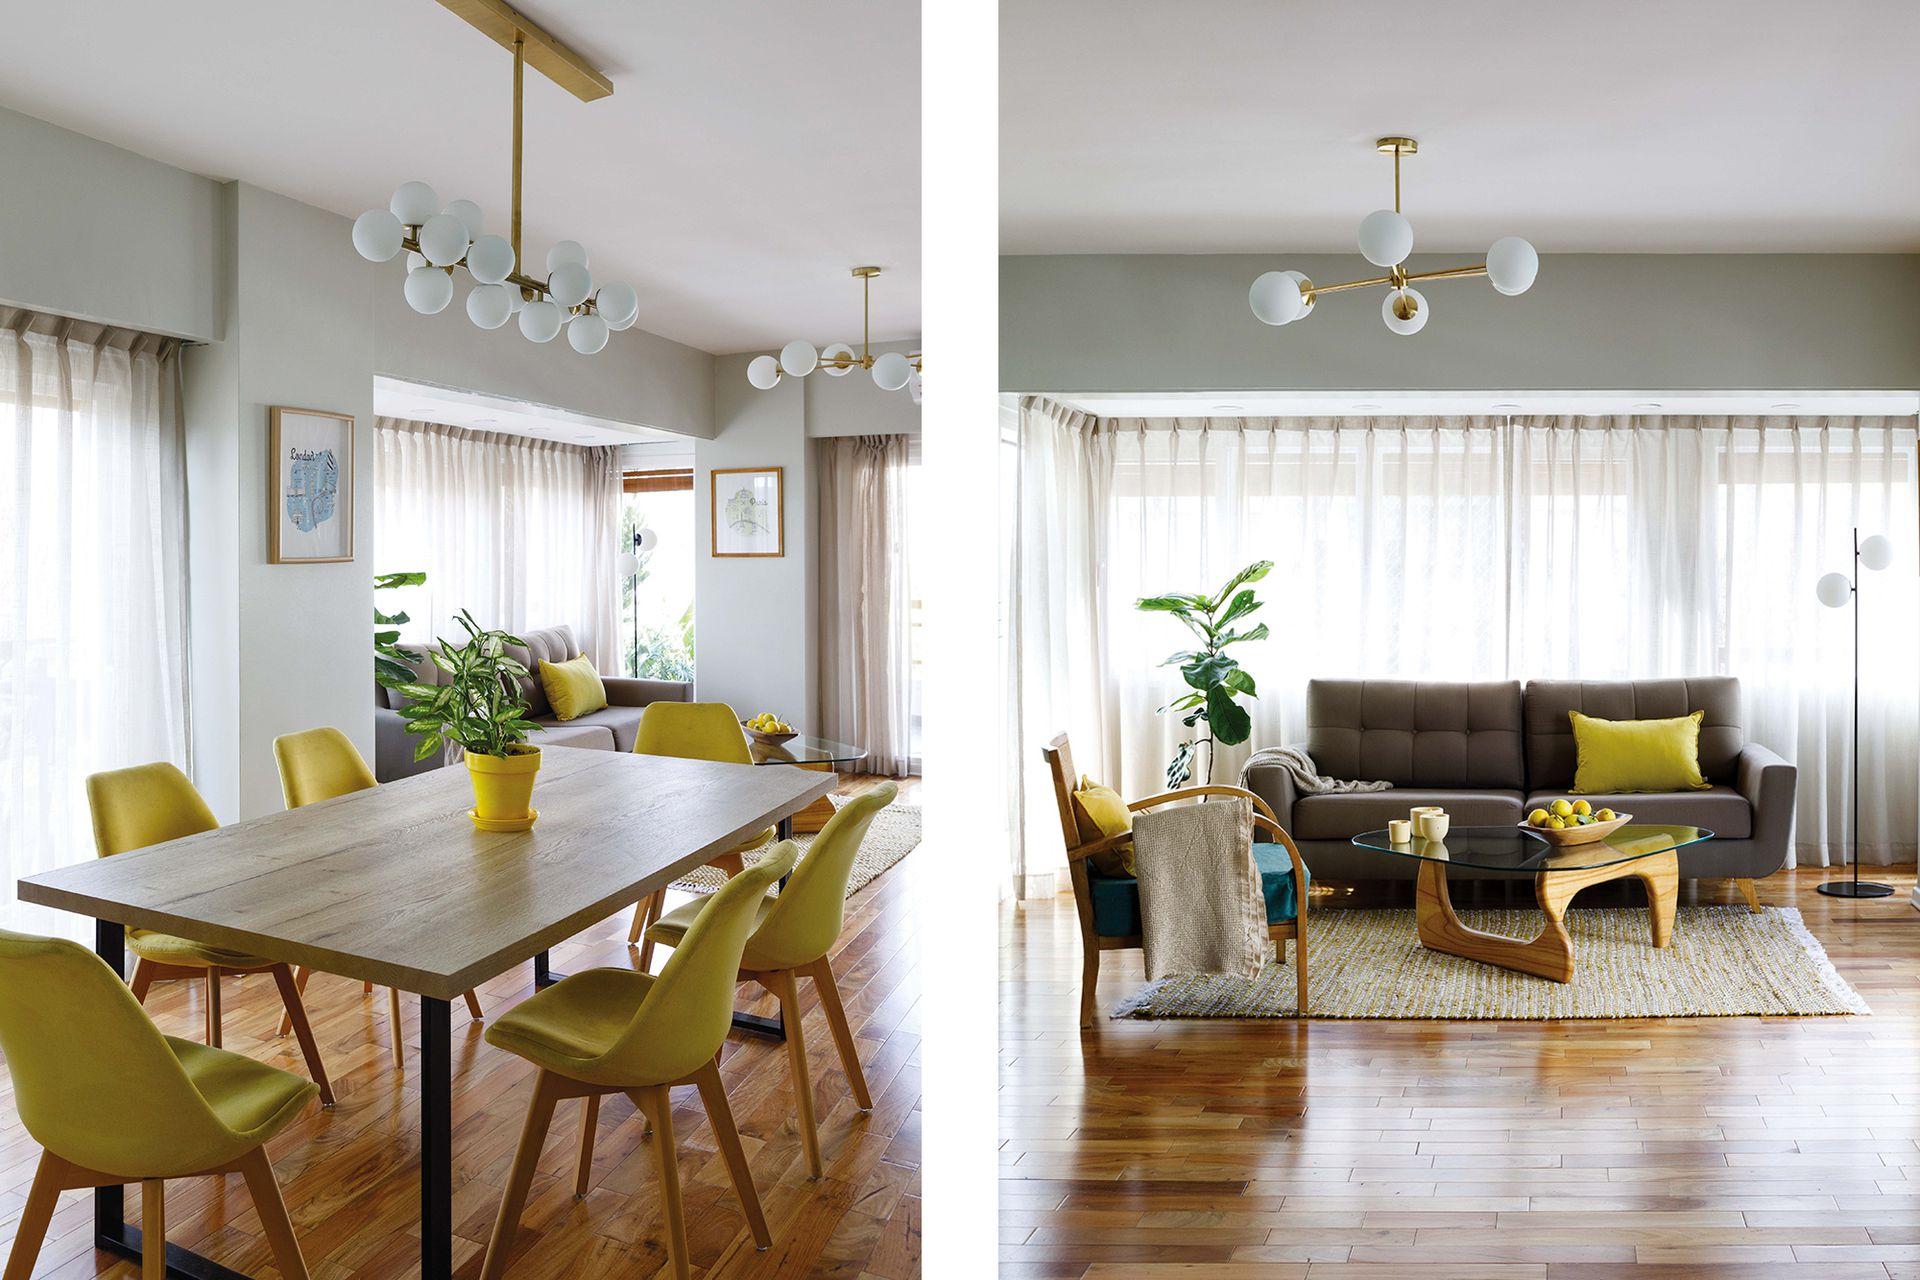 En el living, lámpara colgante 'X' y 'Vintage' de pie (I Wish). Alfombra (Another Home). Sillón (Cúbica Muebles). Mesa Noguchi (Mercado Libre). Velas (Luces Candles & Home + Mancha Objetos).